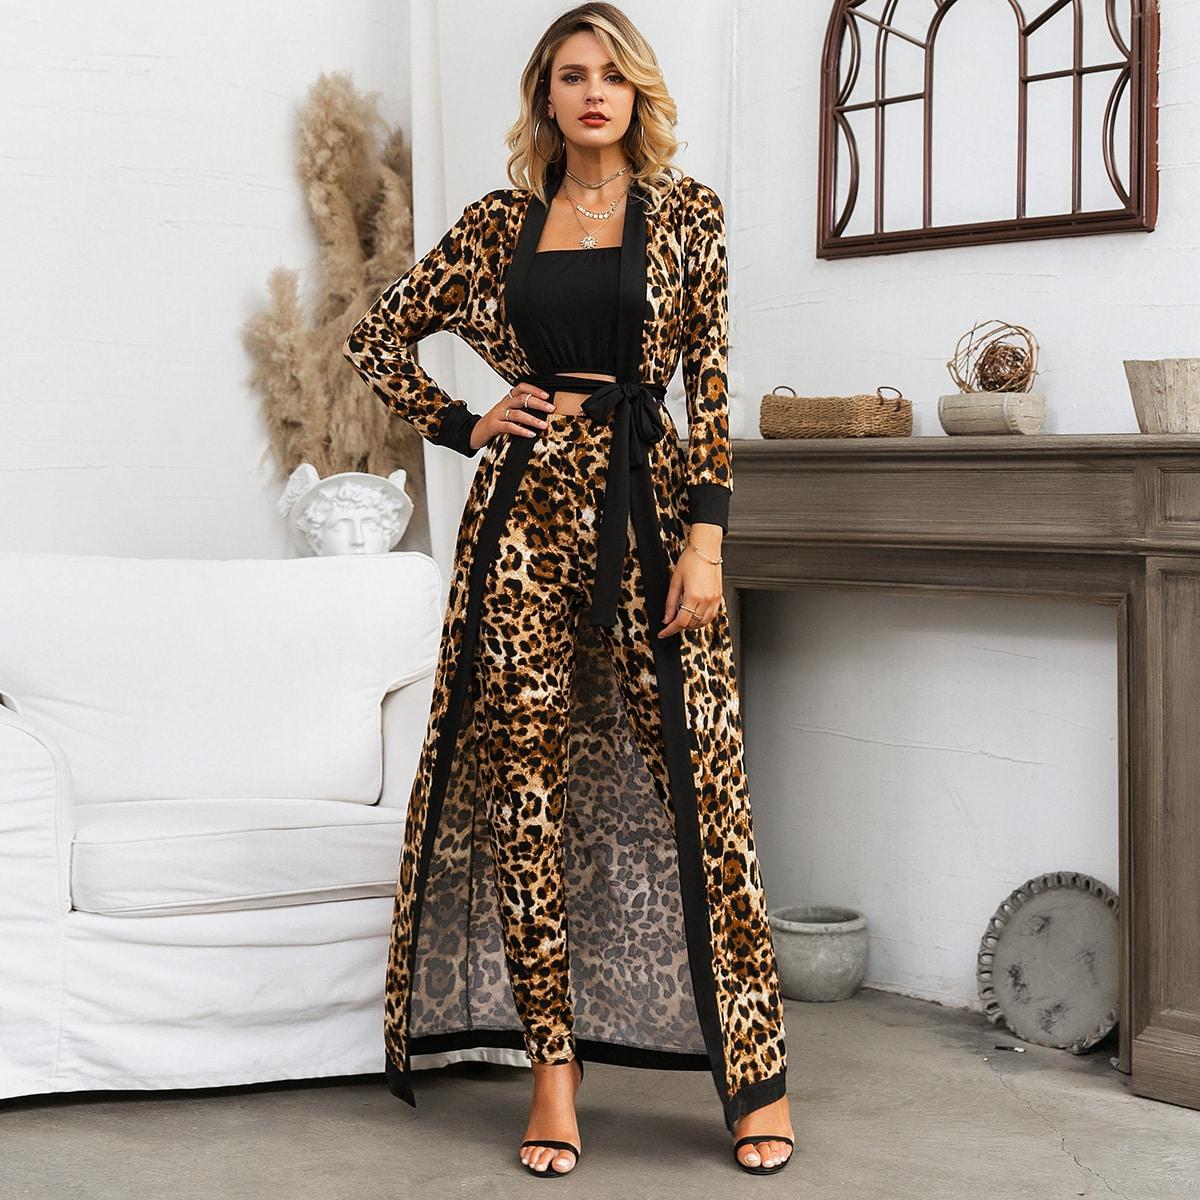 Glamaker топ без бретелек, леопардовые брюки и пальто с поясом